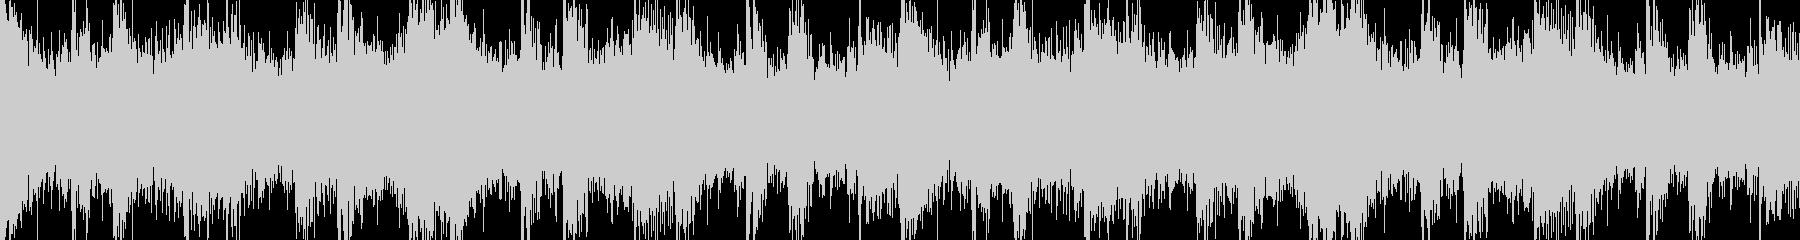 激しいアクション向けオーケストラの未再生の波形